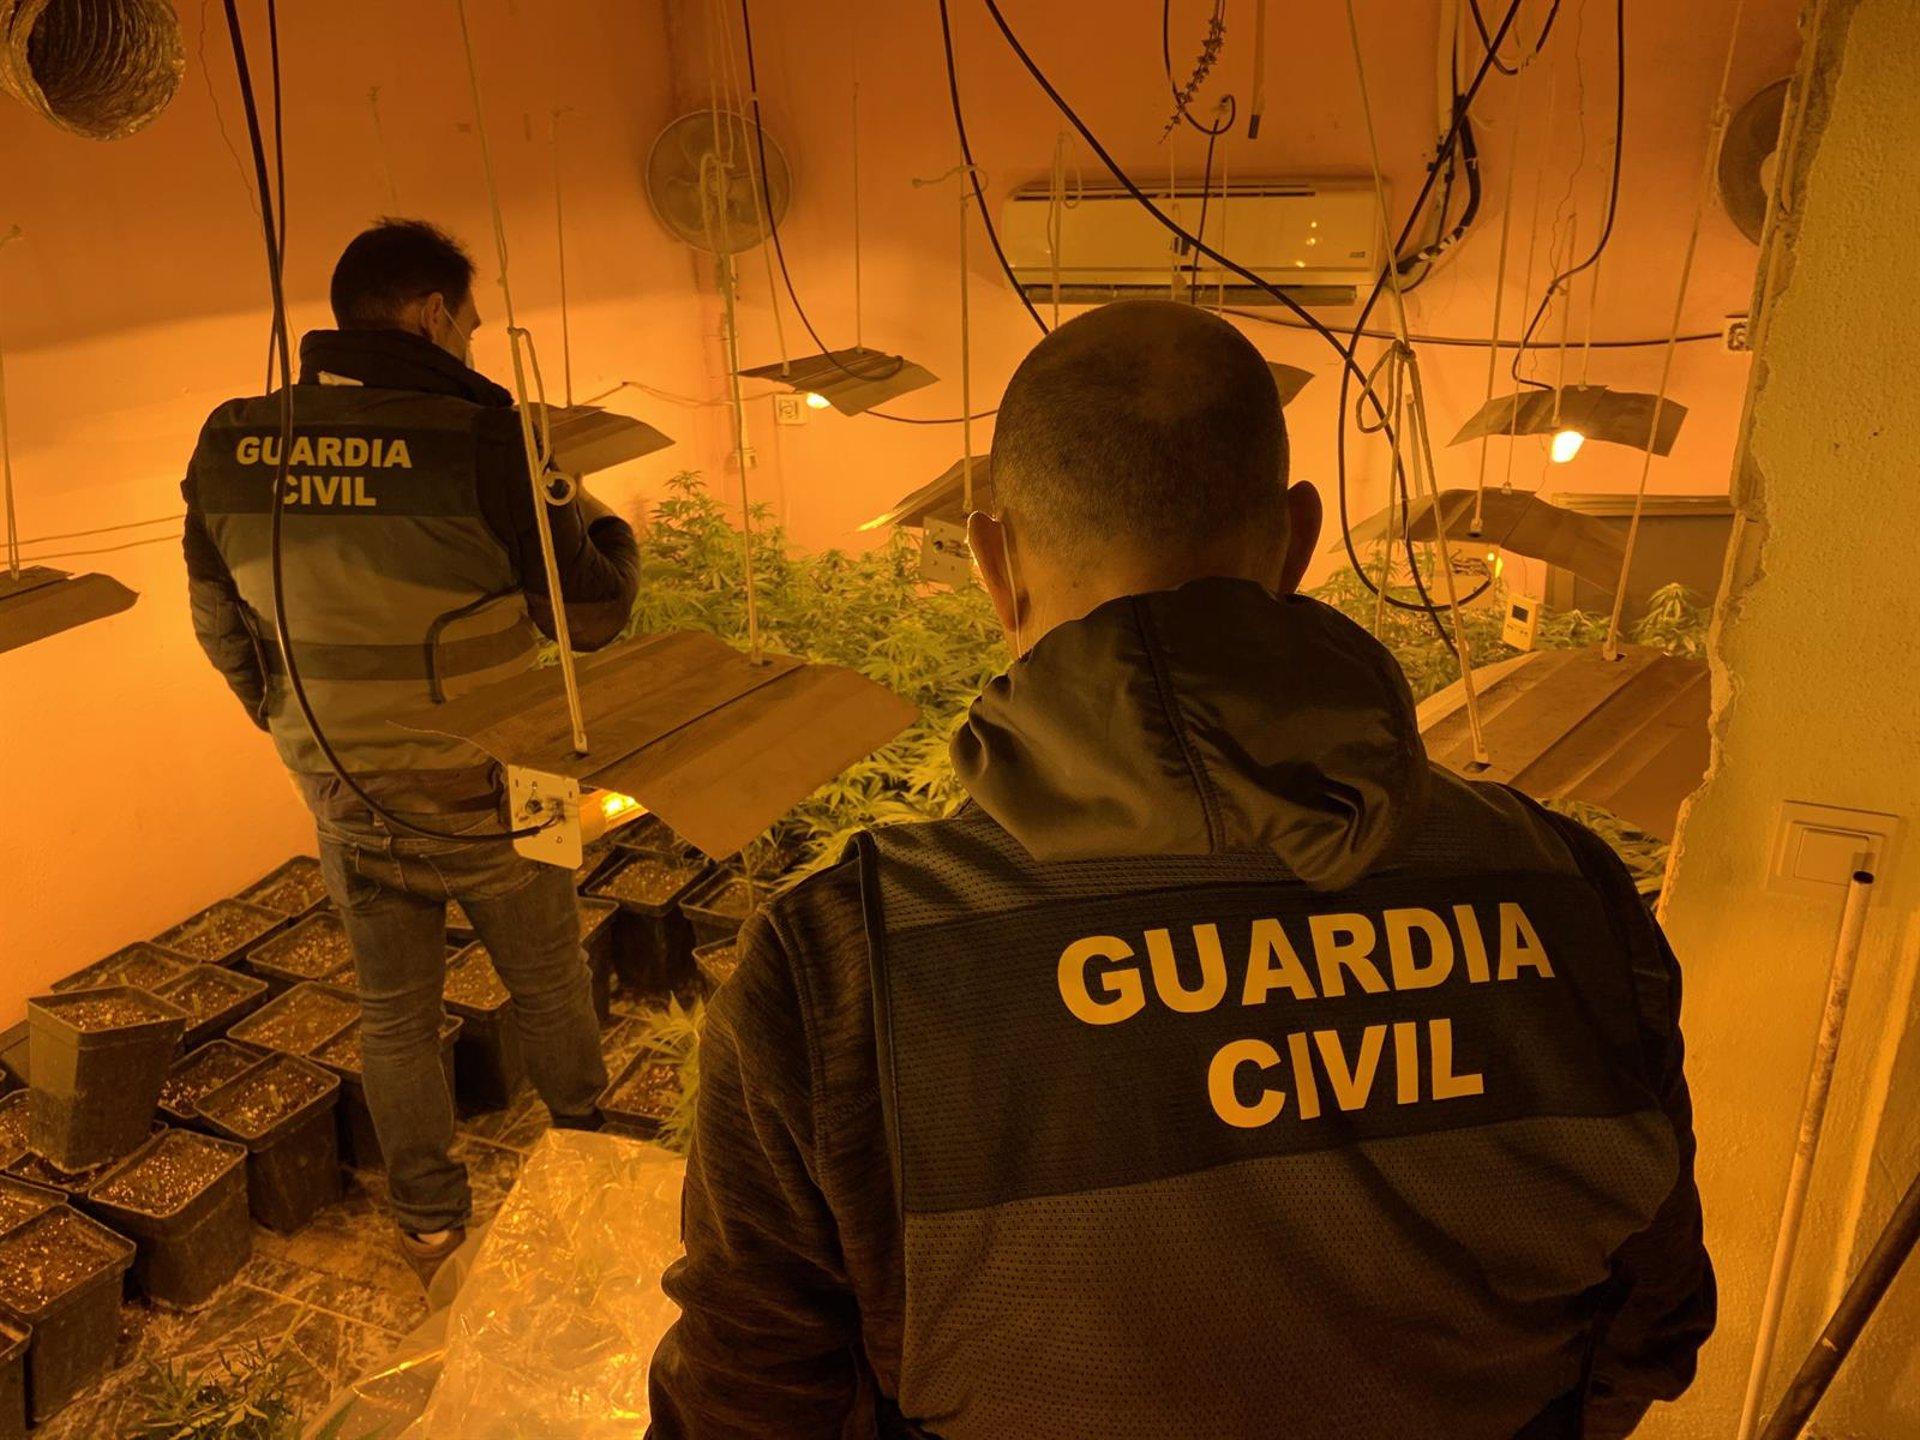 La Guardia Civil se incauta de más de 22.300 plantas de marihuana en el primer trimestre del año